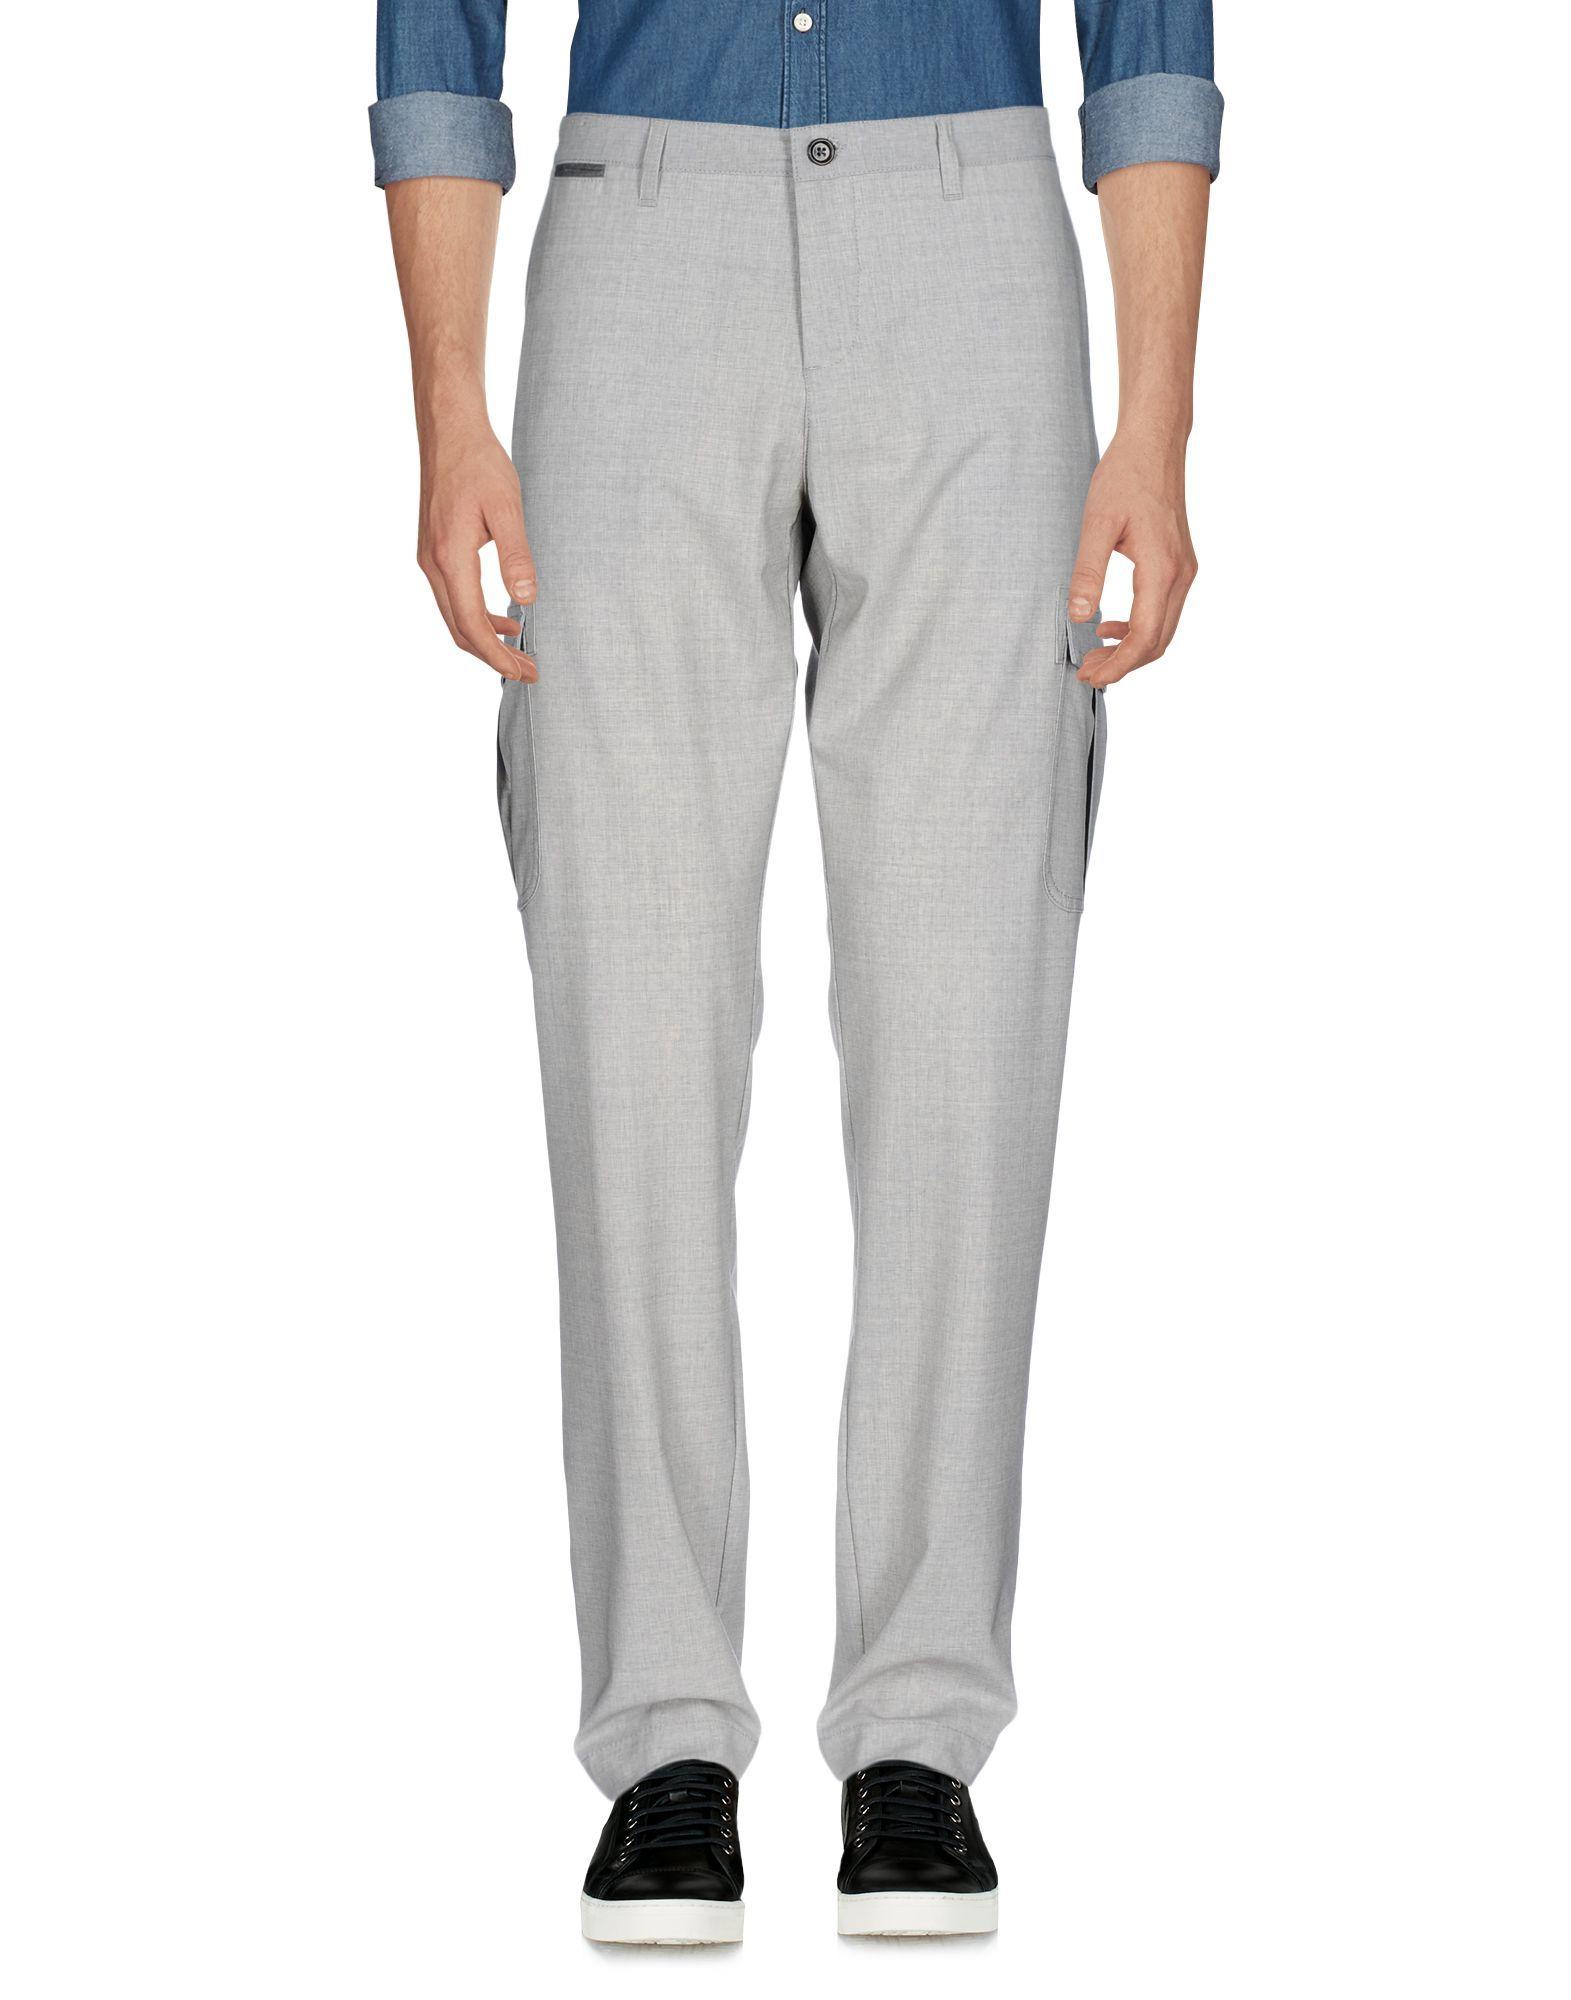 TROUSERS Eleventy Light grey Man Wool